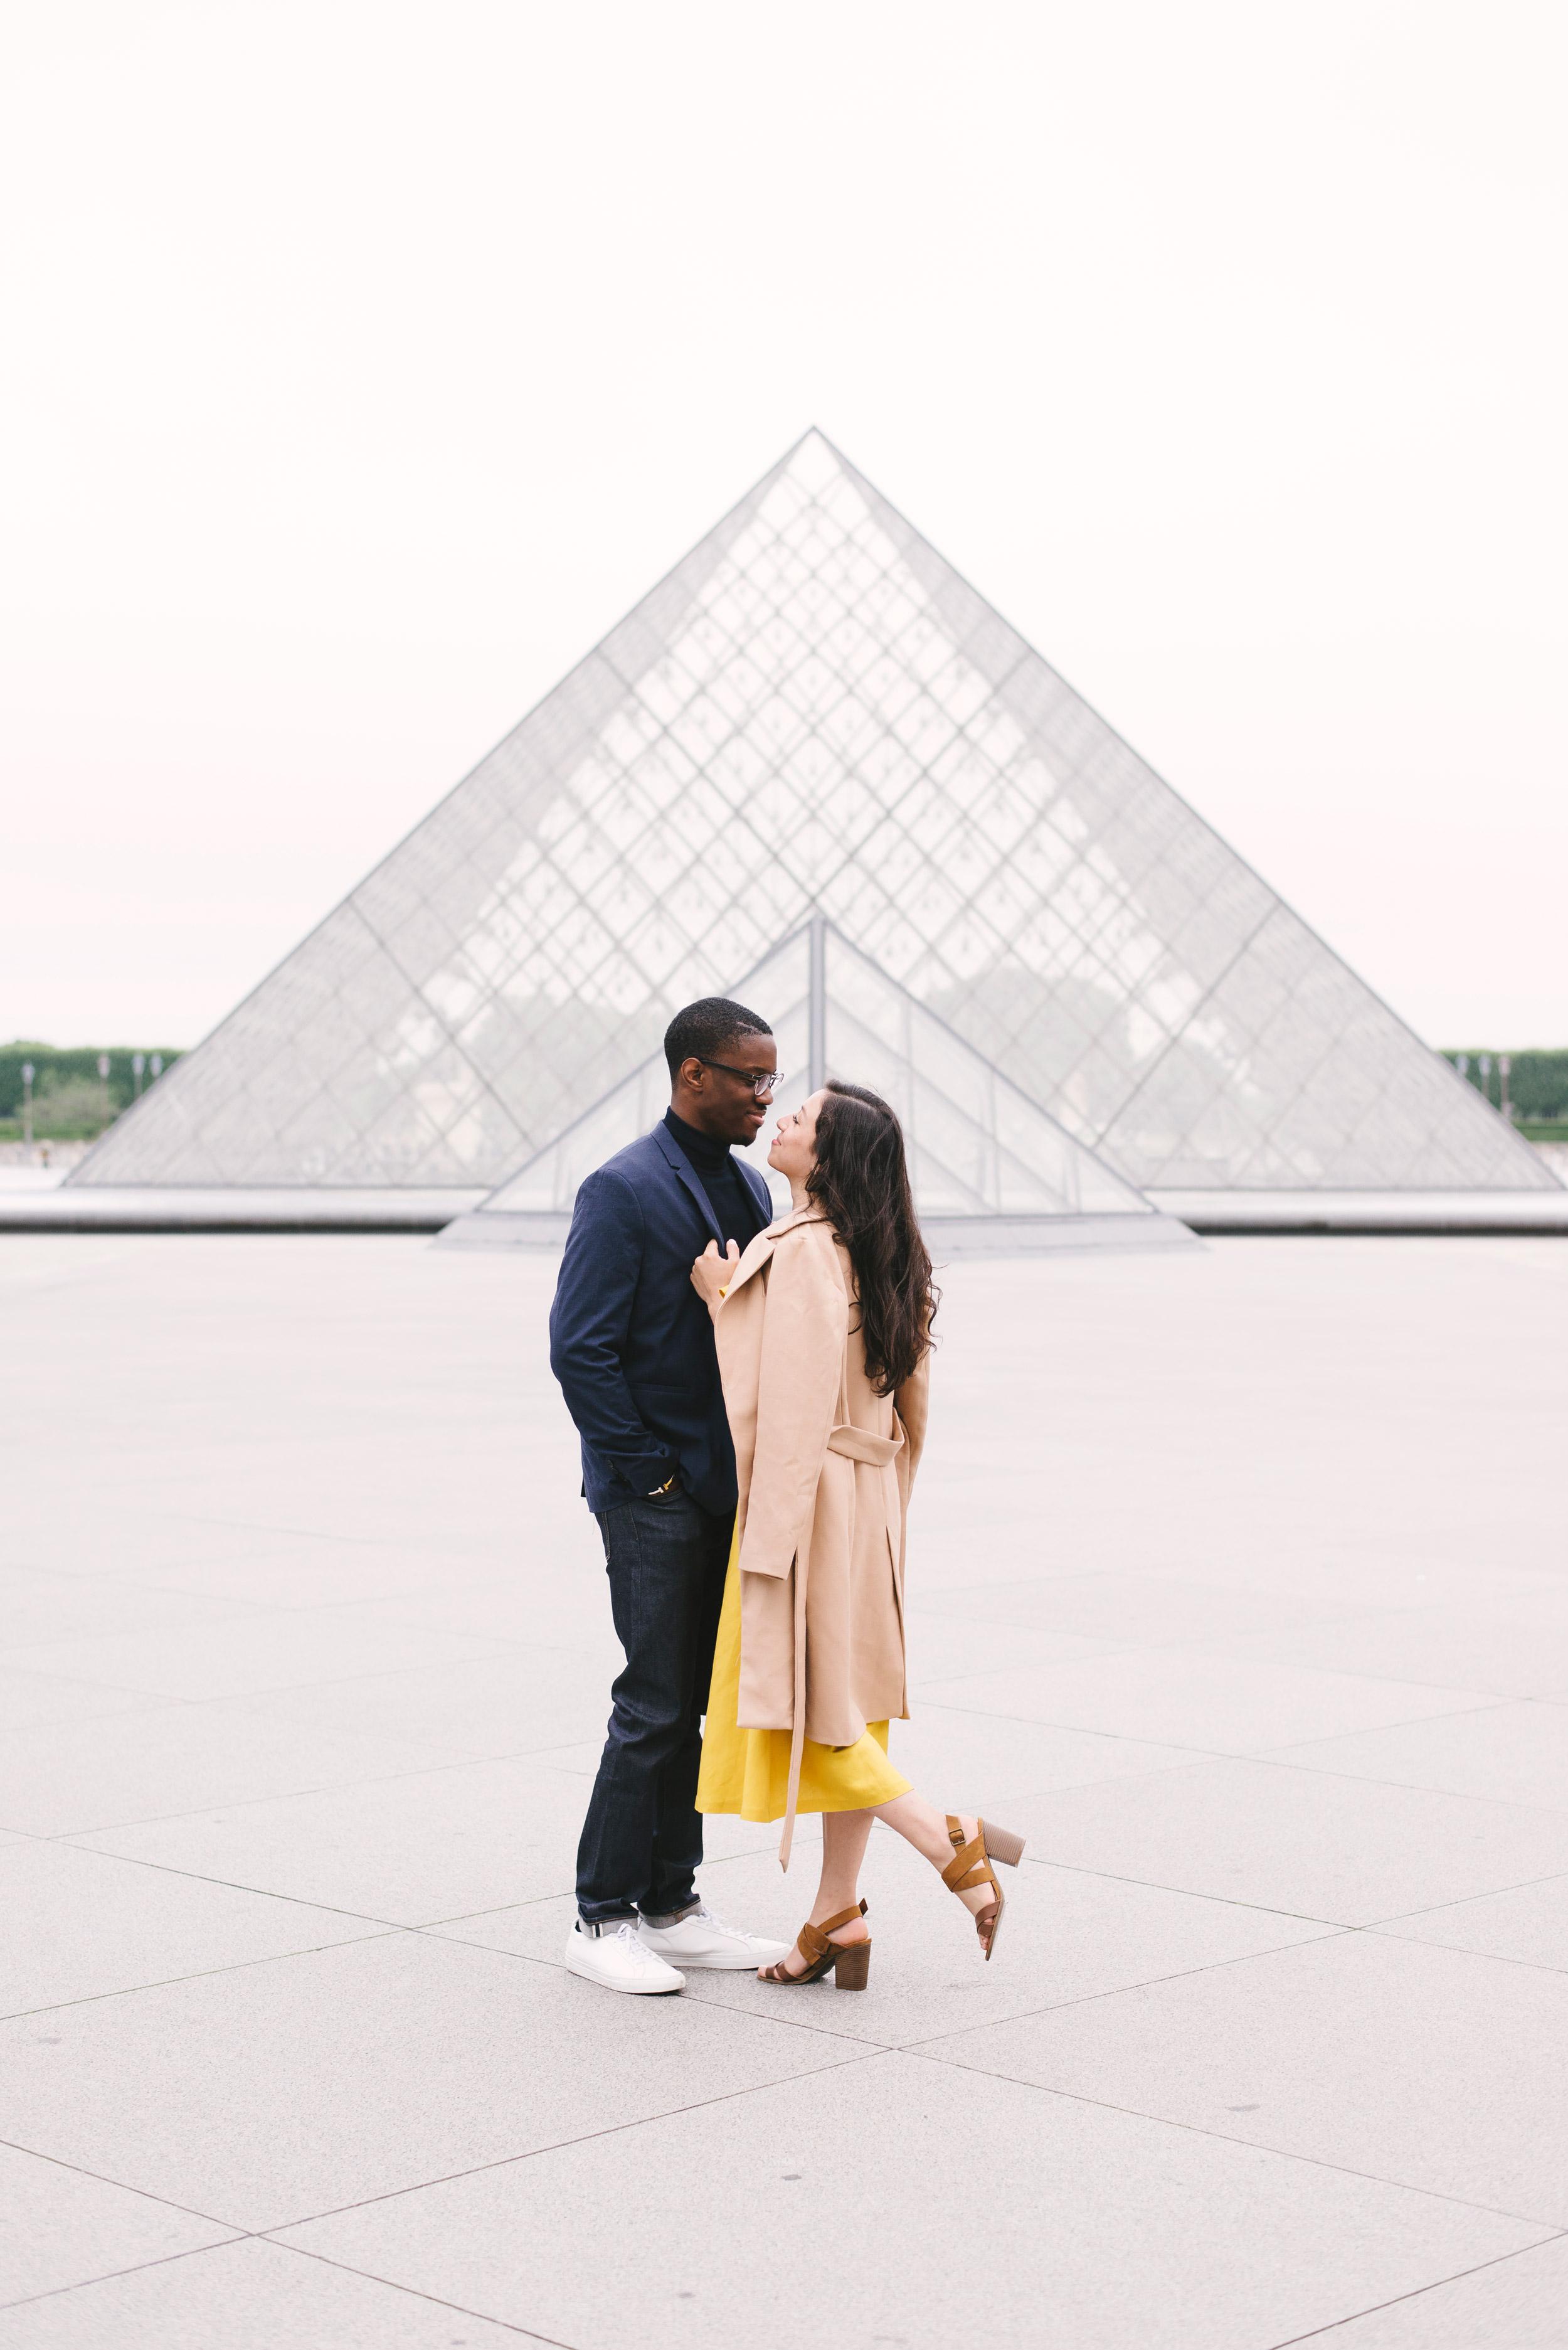 Couple-photoshoot-Paris-Pont-des-arts-Louvre-PalaisRoyale-070.jpg